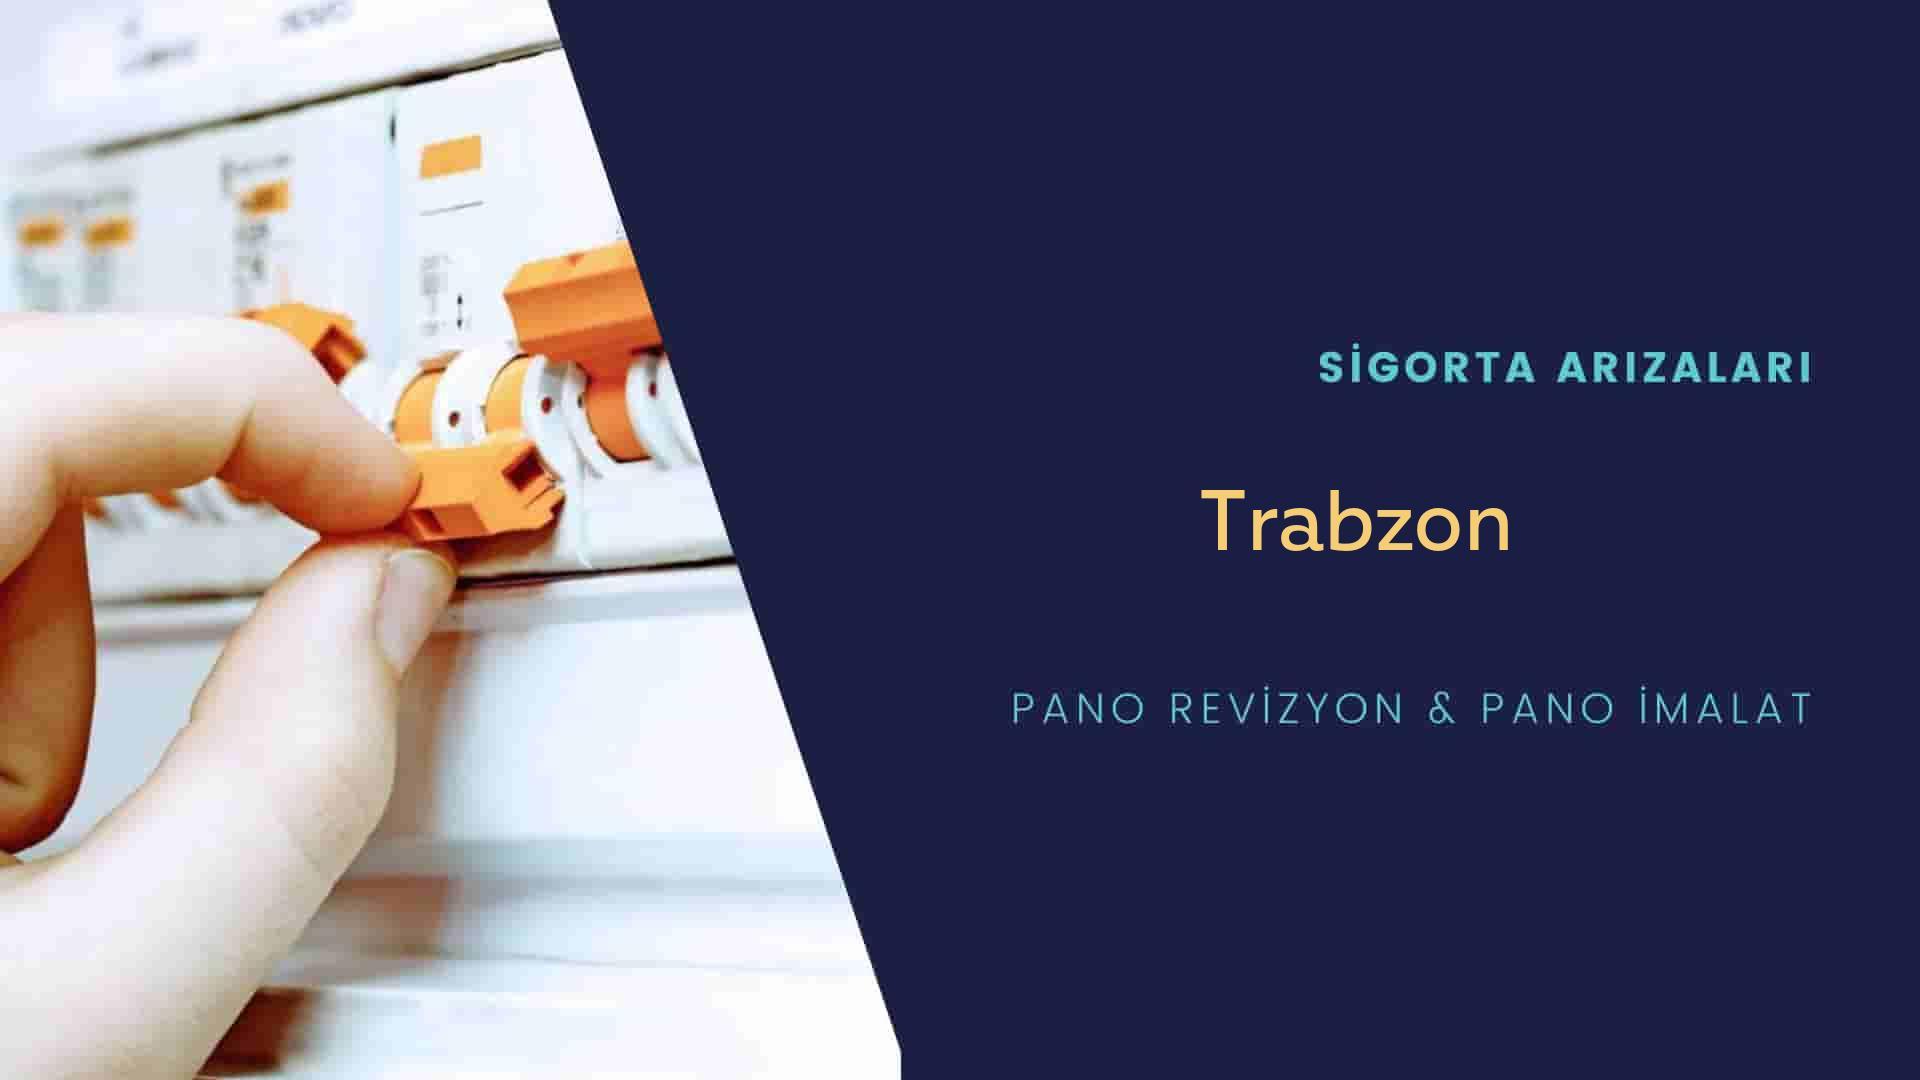 Trabzon Sigorta Arızaları İçin Profesyonel Elektrikçi ustalarımızı dilediğiniz zaman arayabilir talepte bulunabilirsiniz.